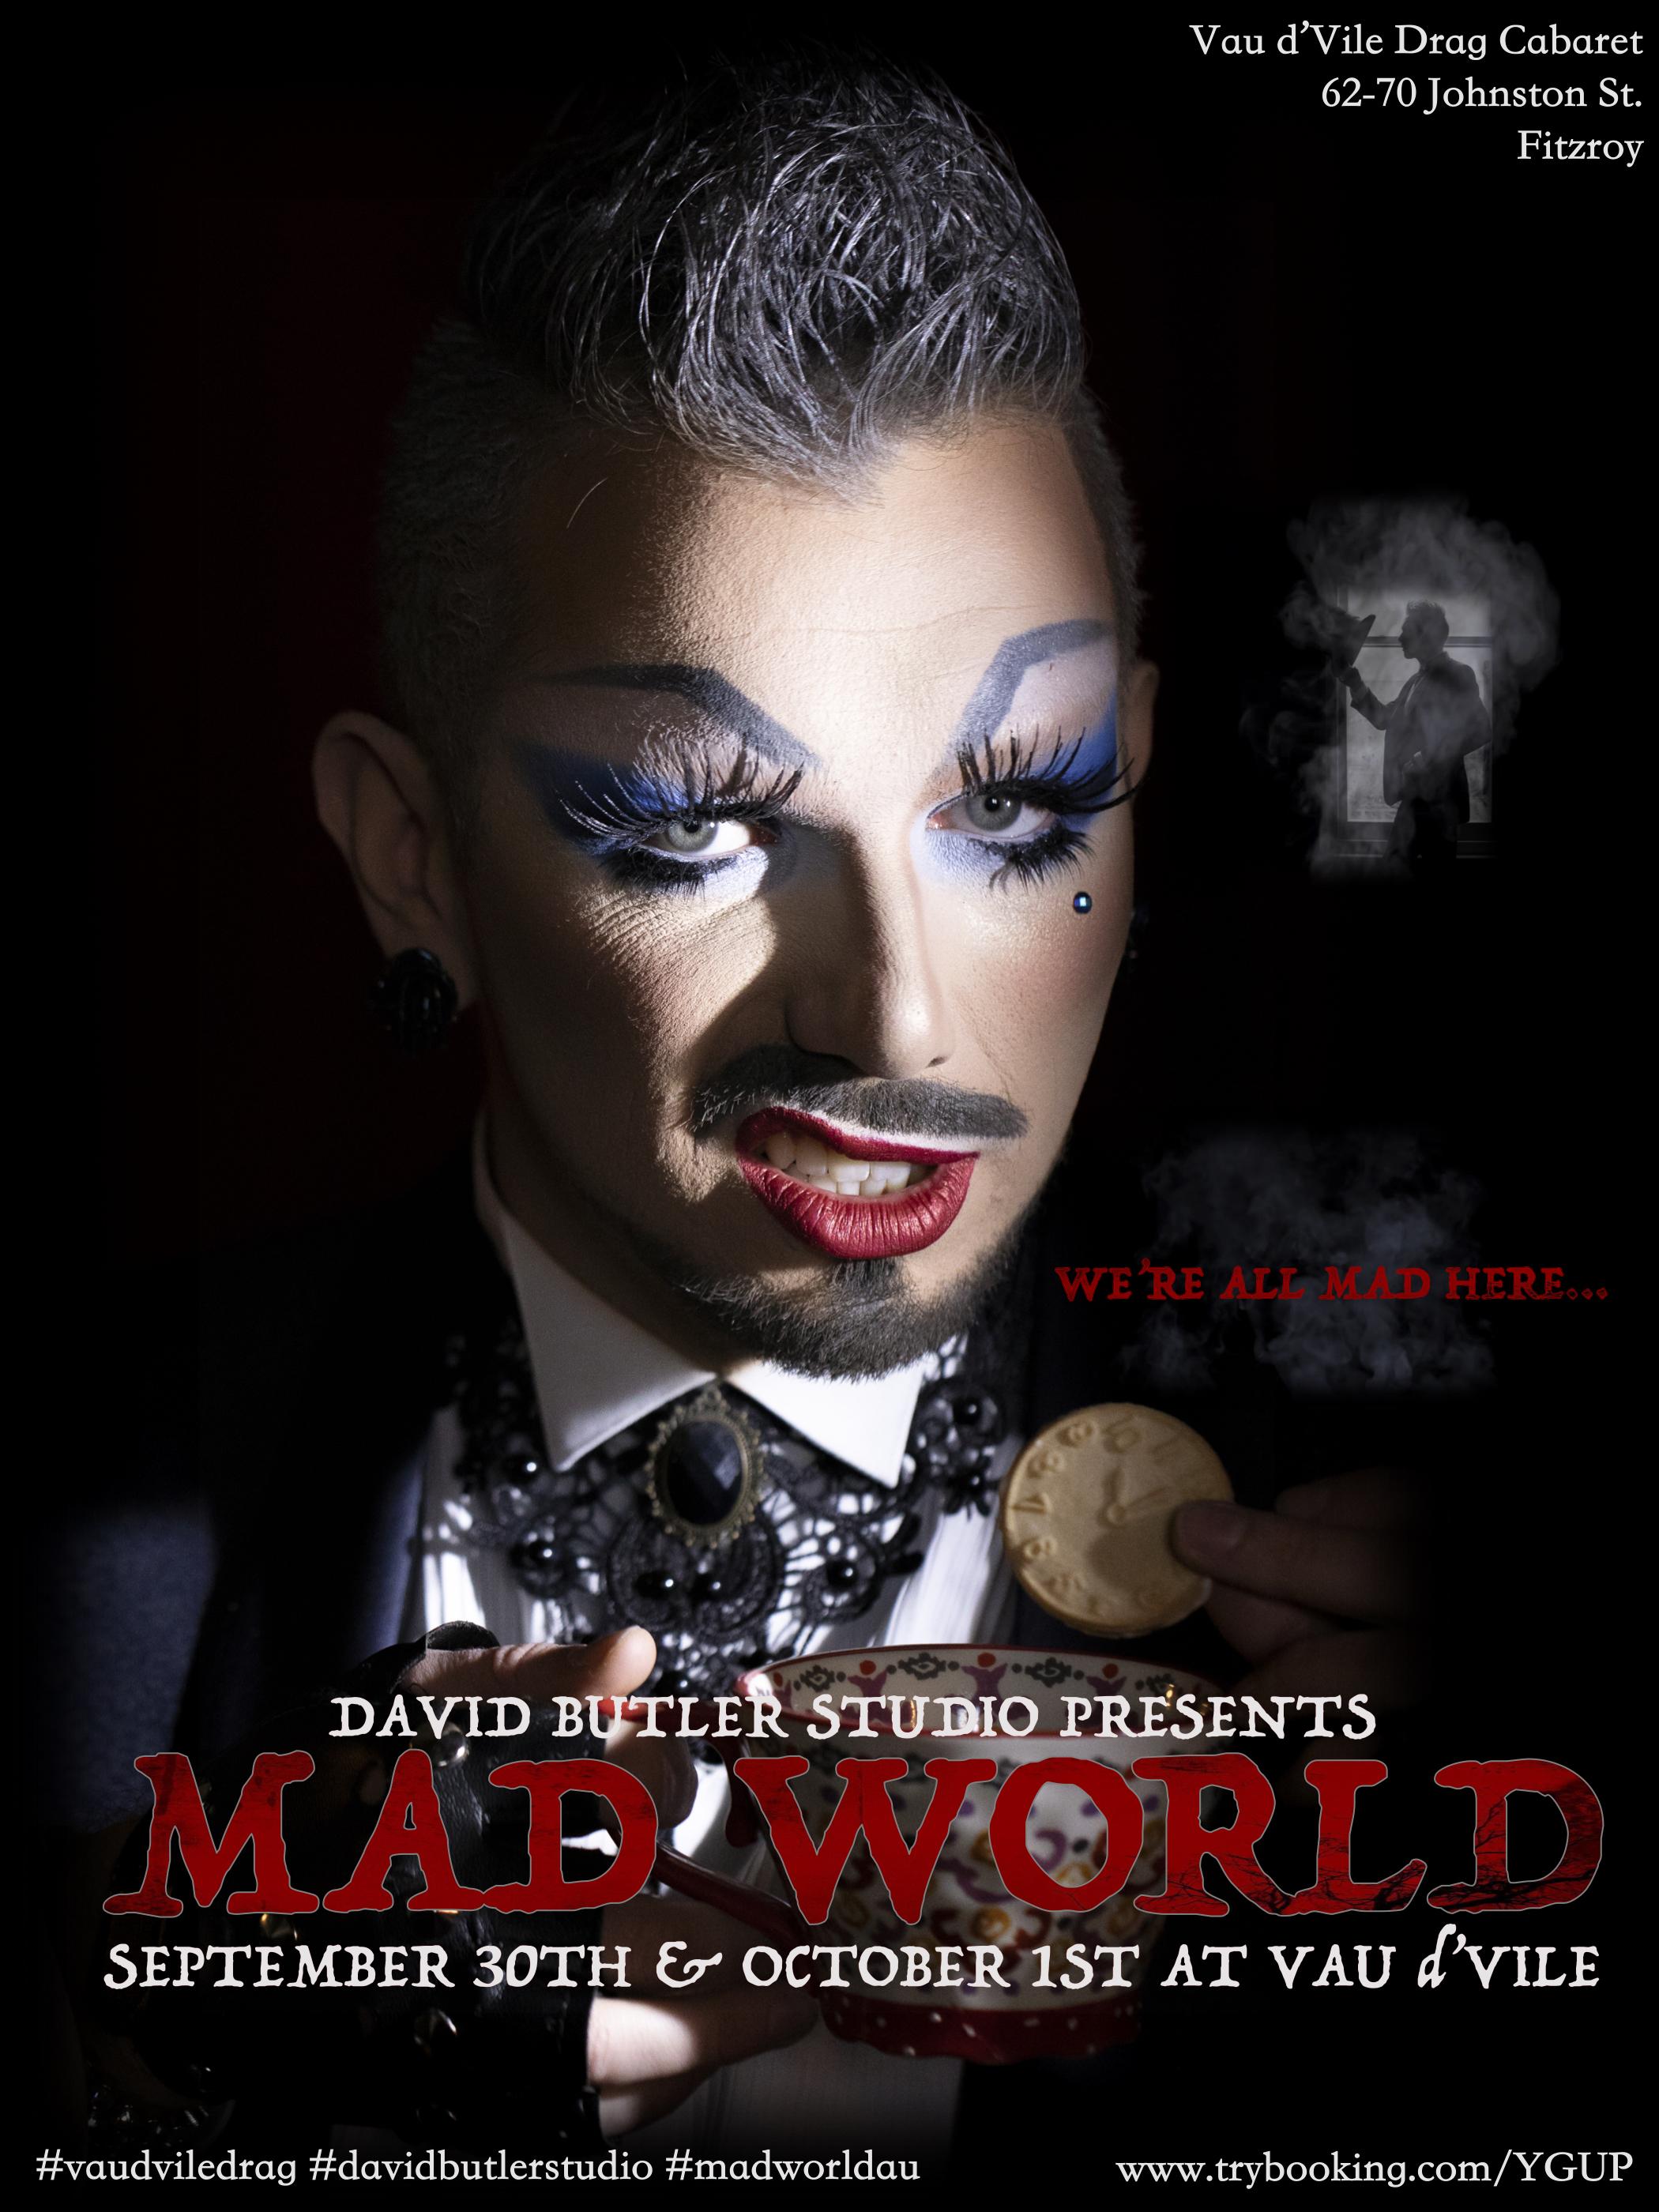 MAD WORLD Hero Poster.jpg